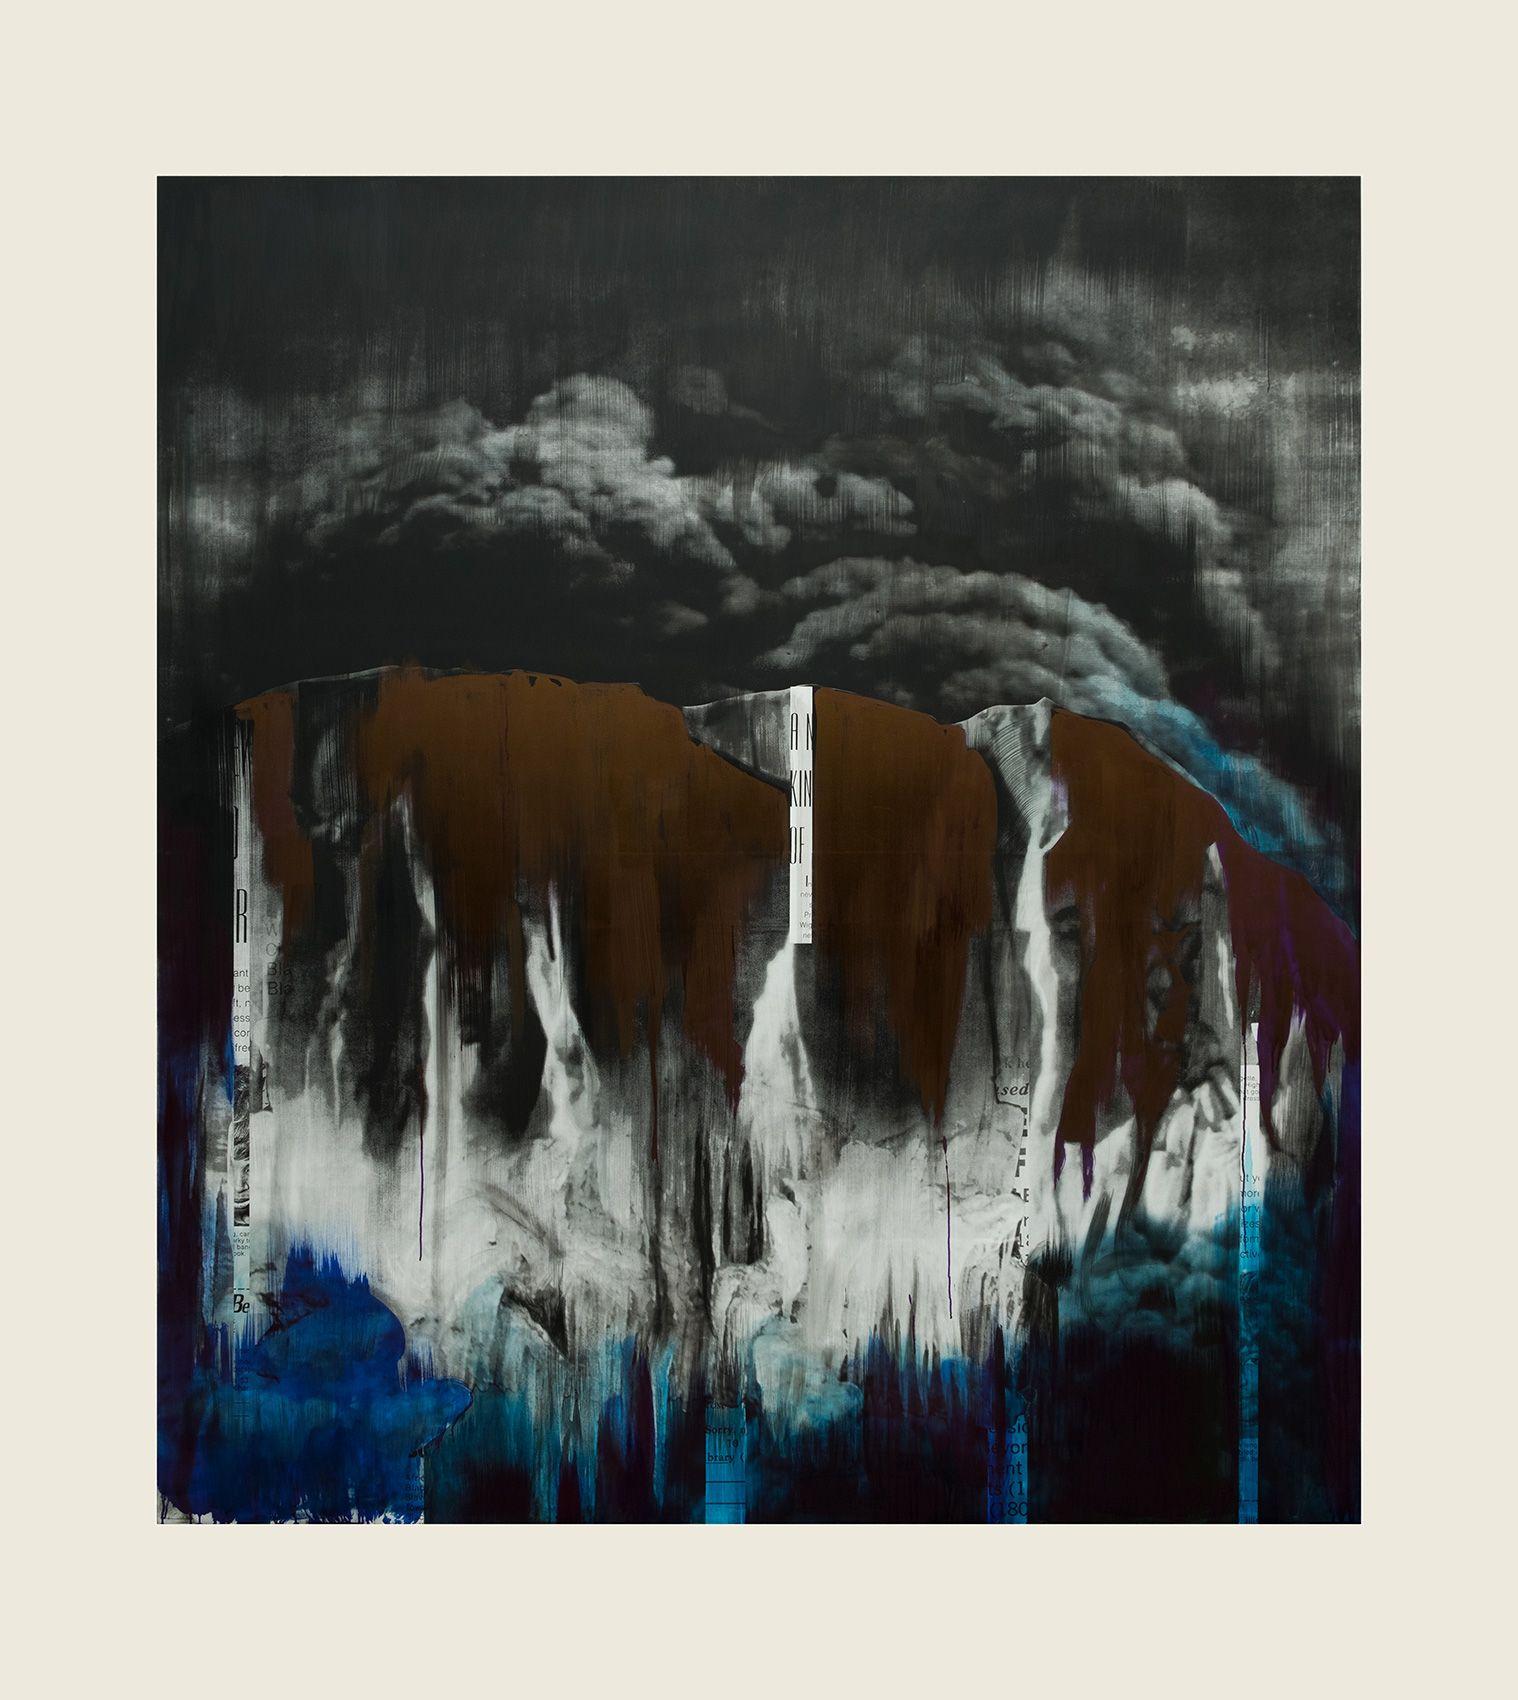 Ice 6, 2018